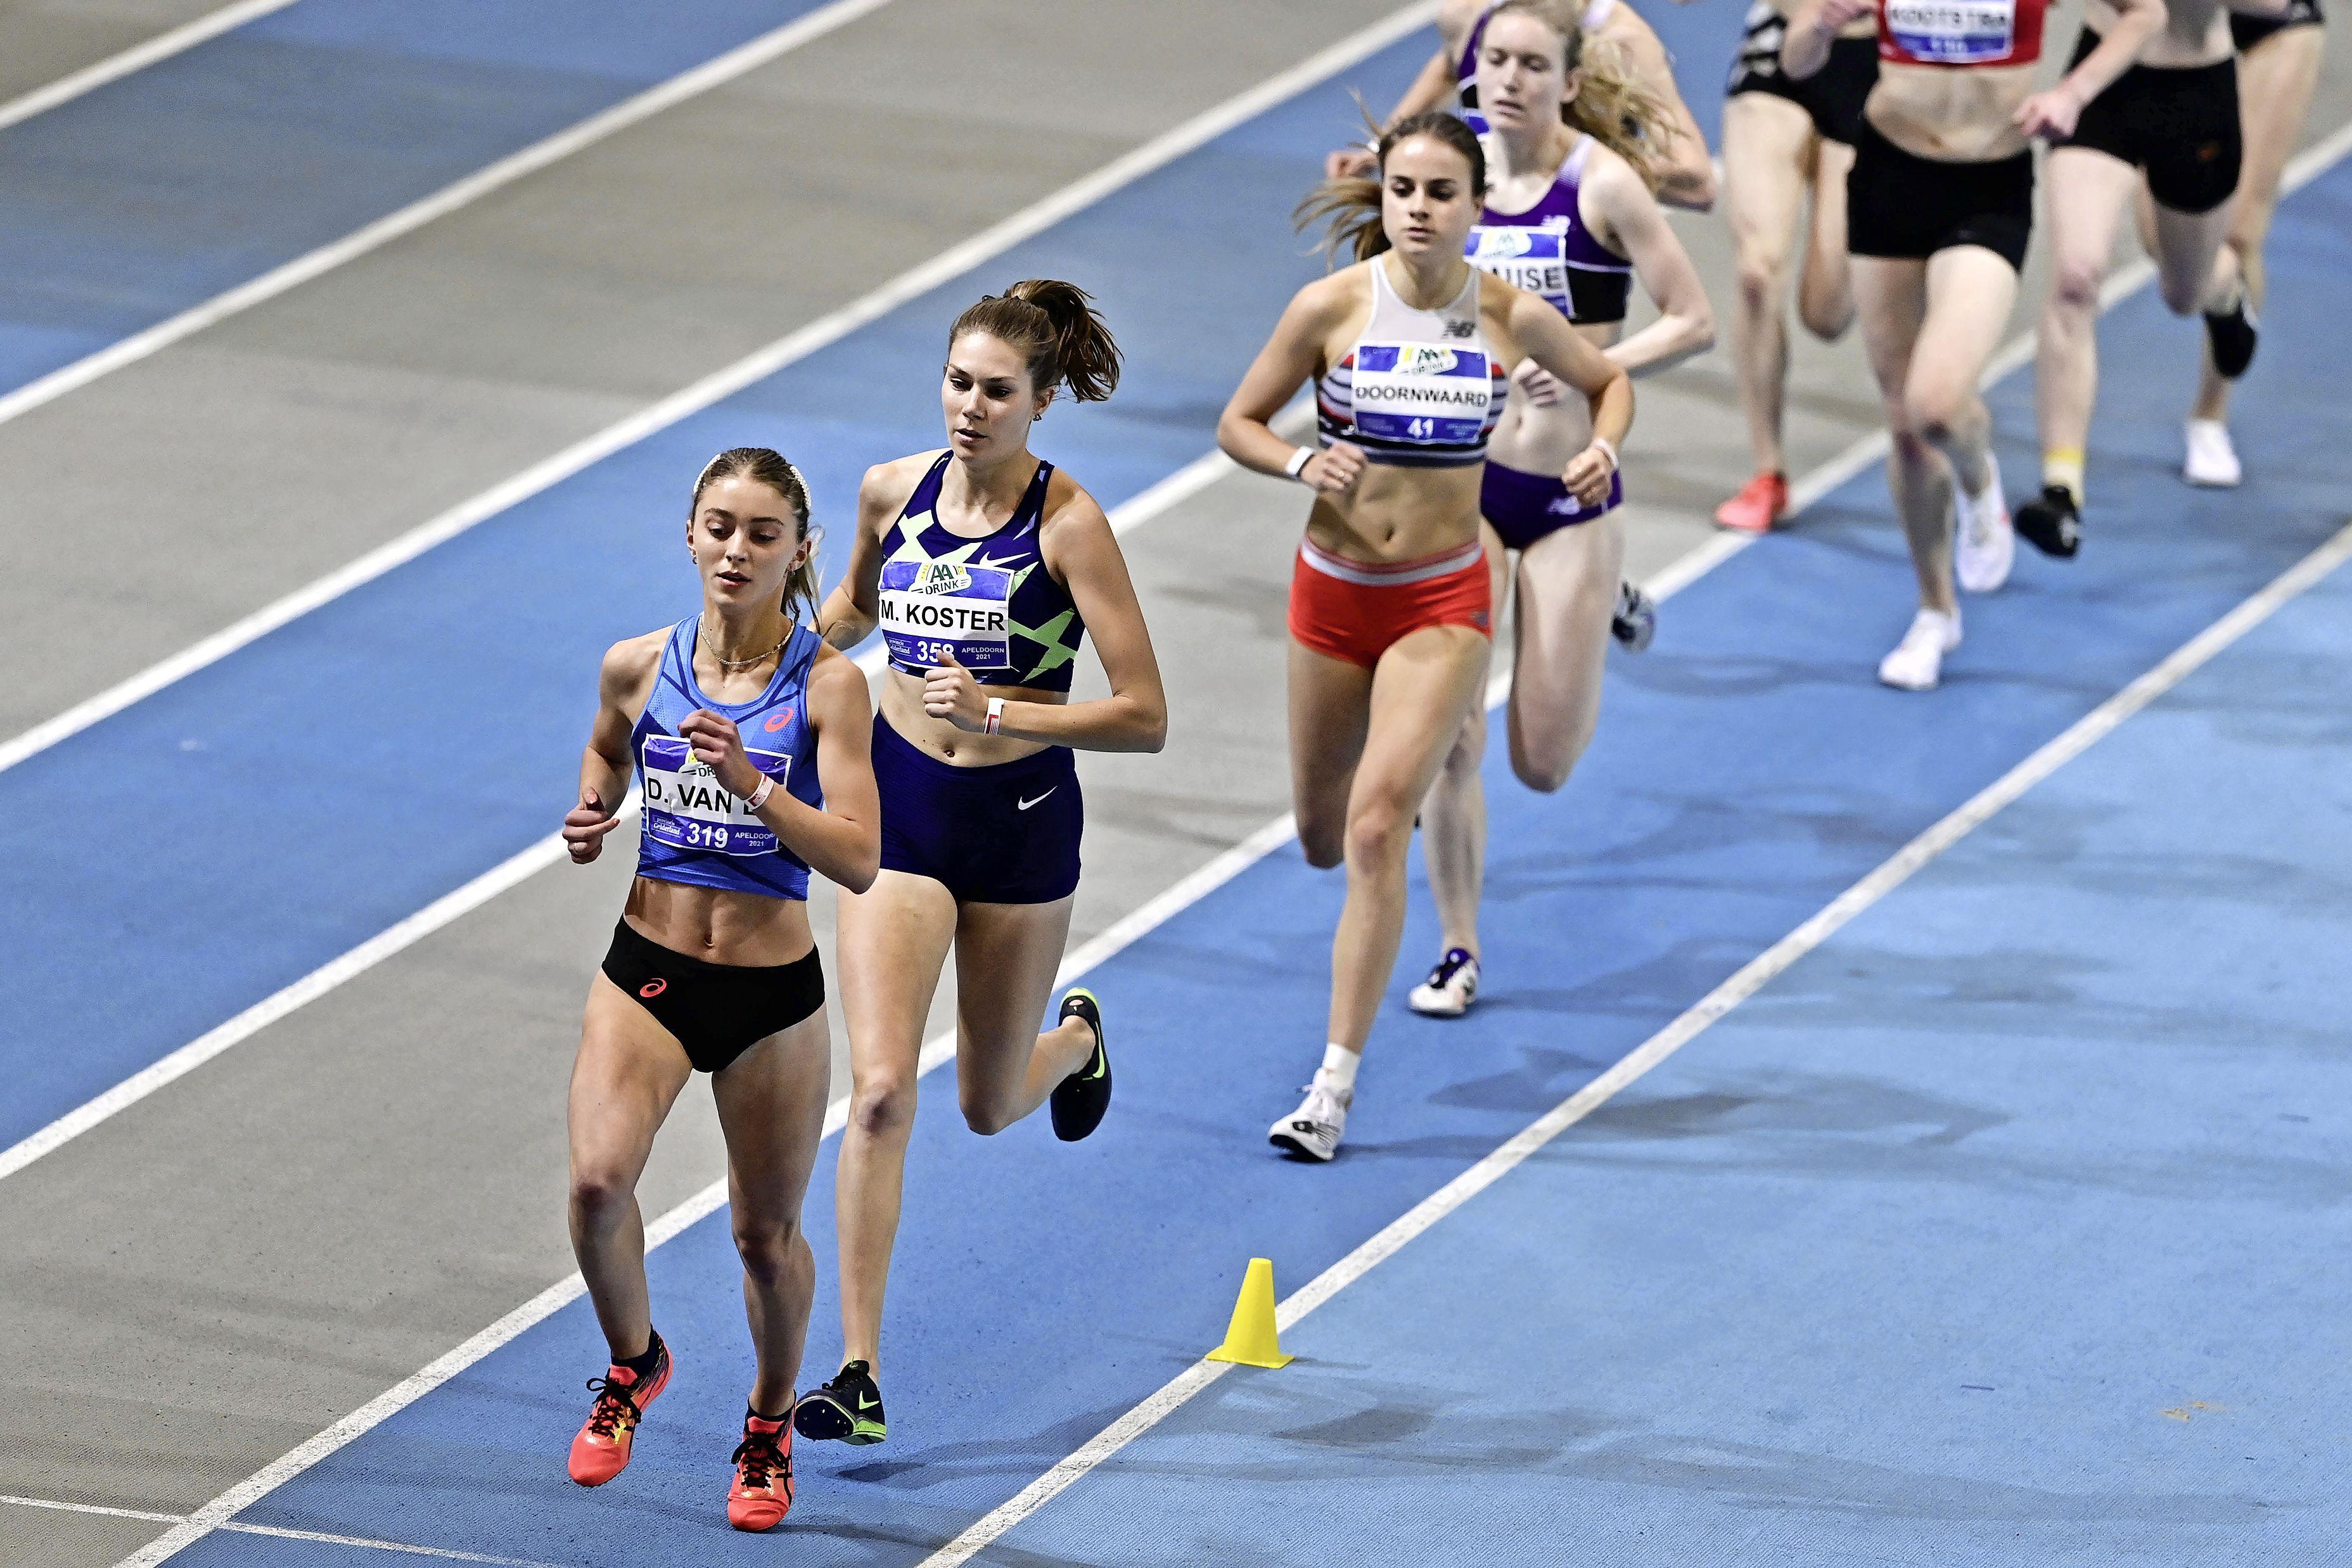 Femke Pluim is 'niet fit genoeg' en meldt zich af voor NK atletiek